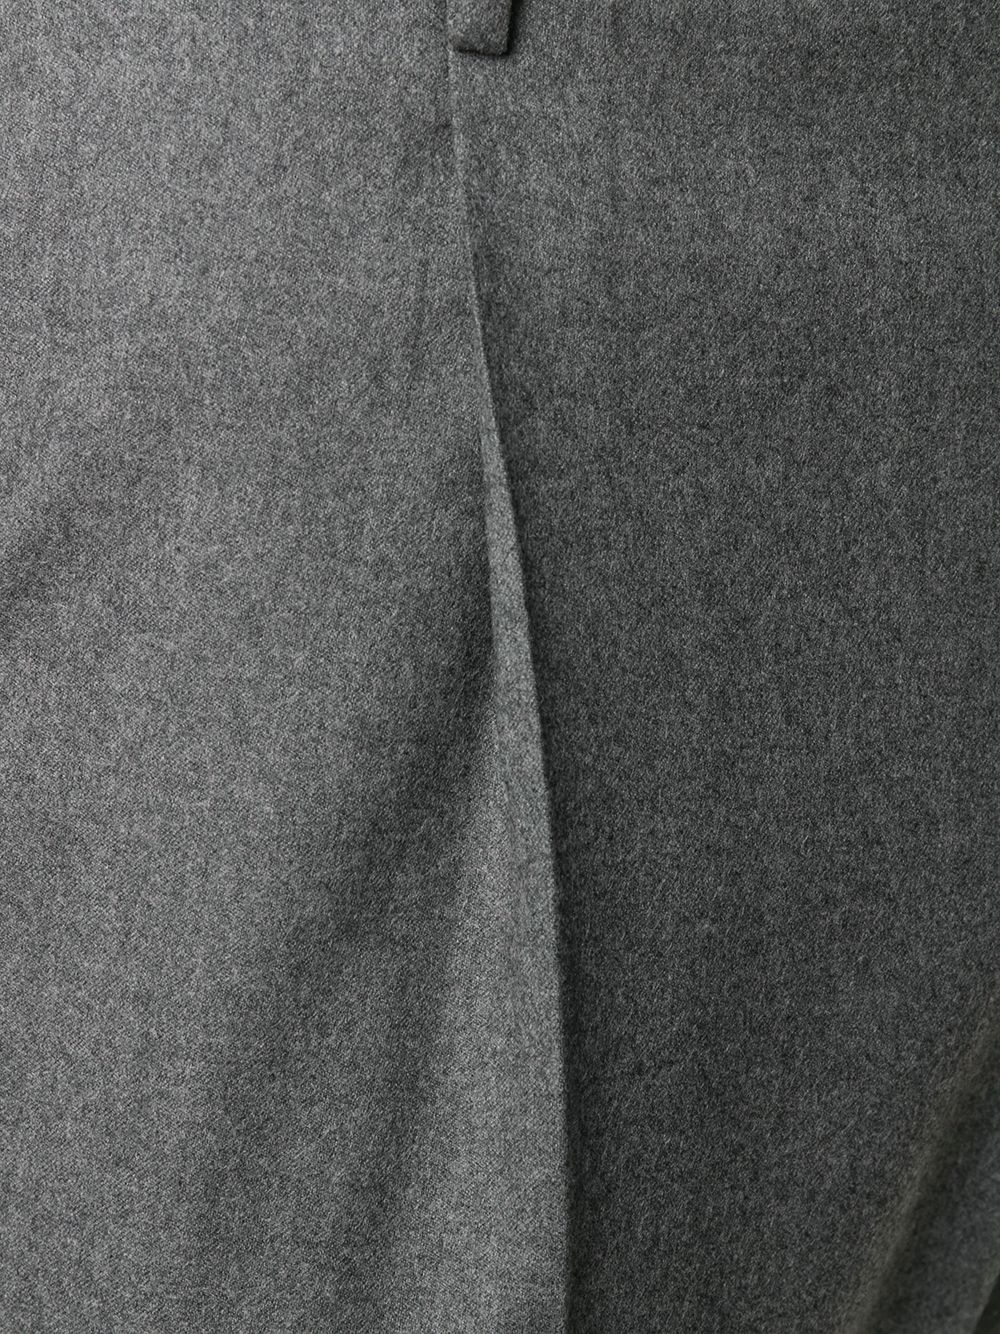 Pantaloni grigi con pieghe in misto cotone PT01 | Pantaloni | COAFFKZ00CL1-CM130230